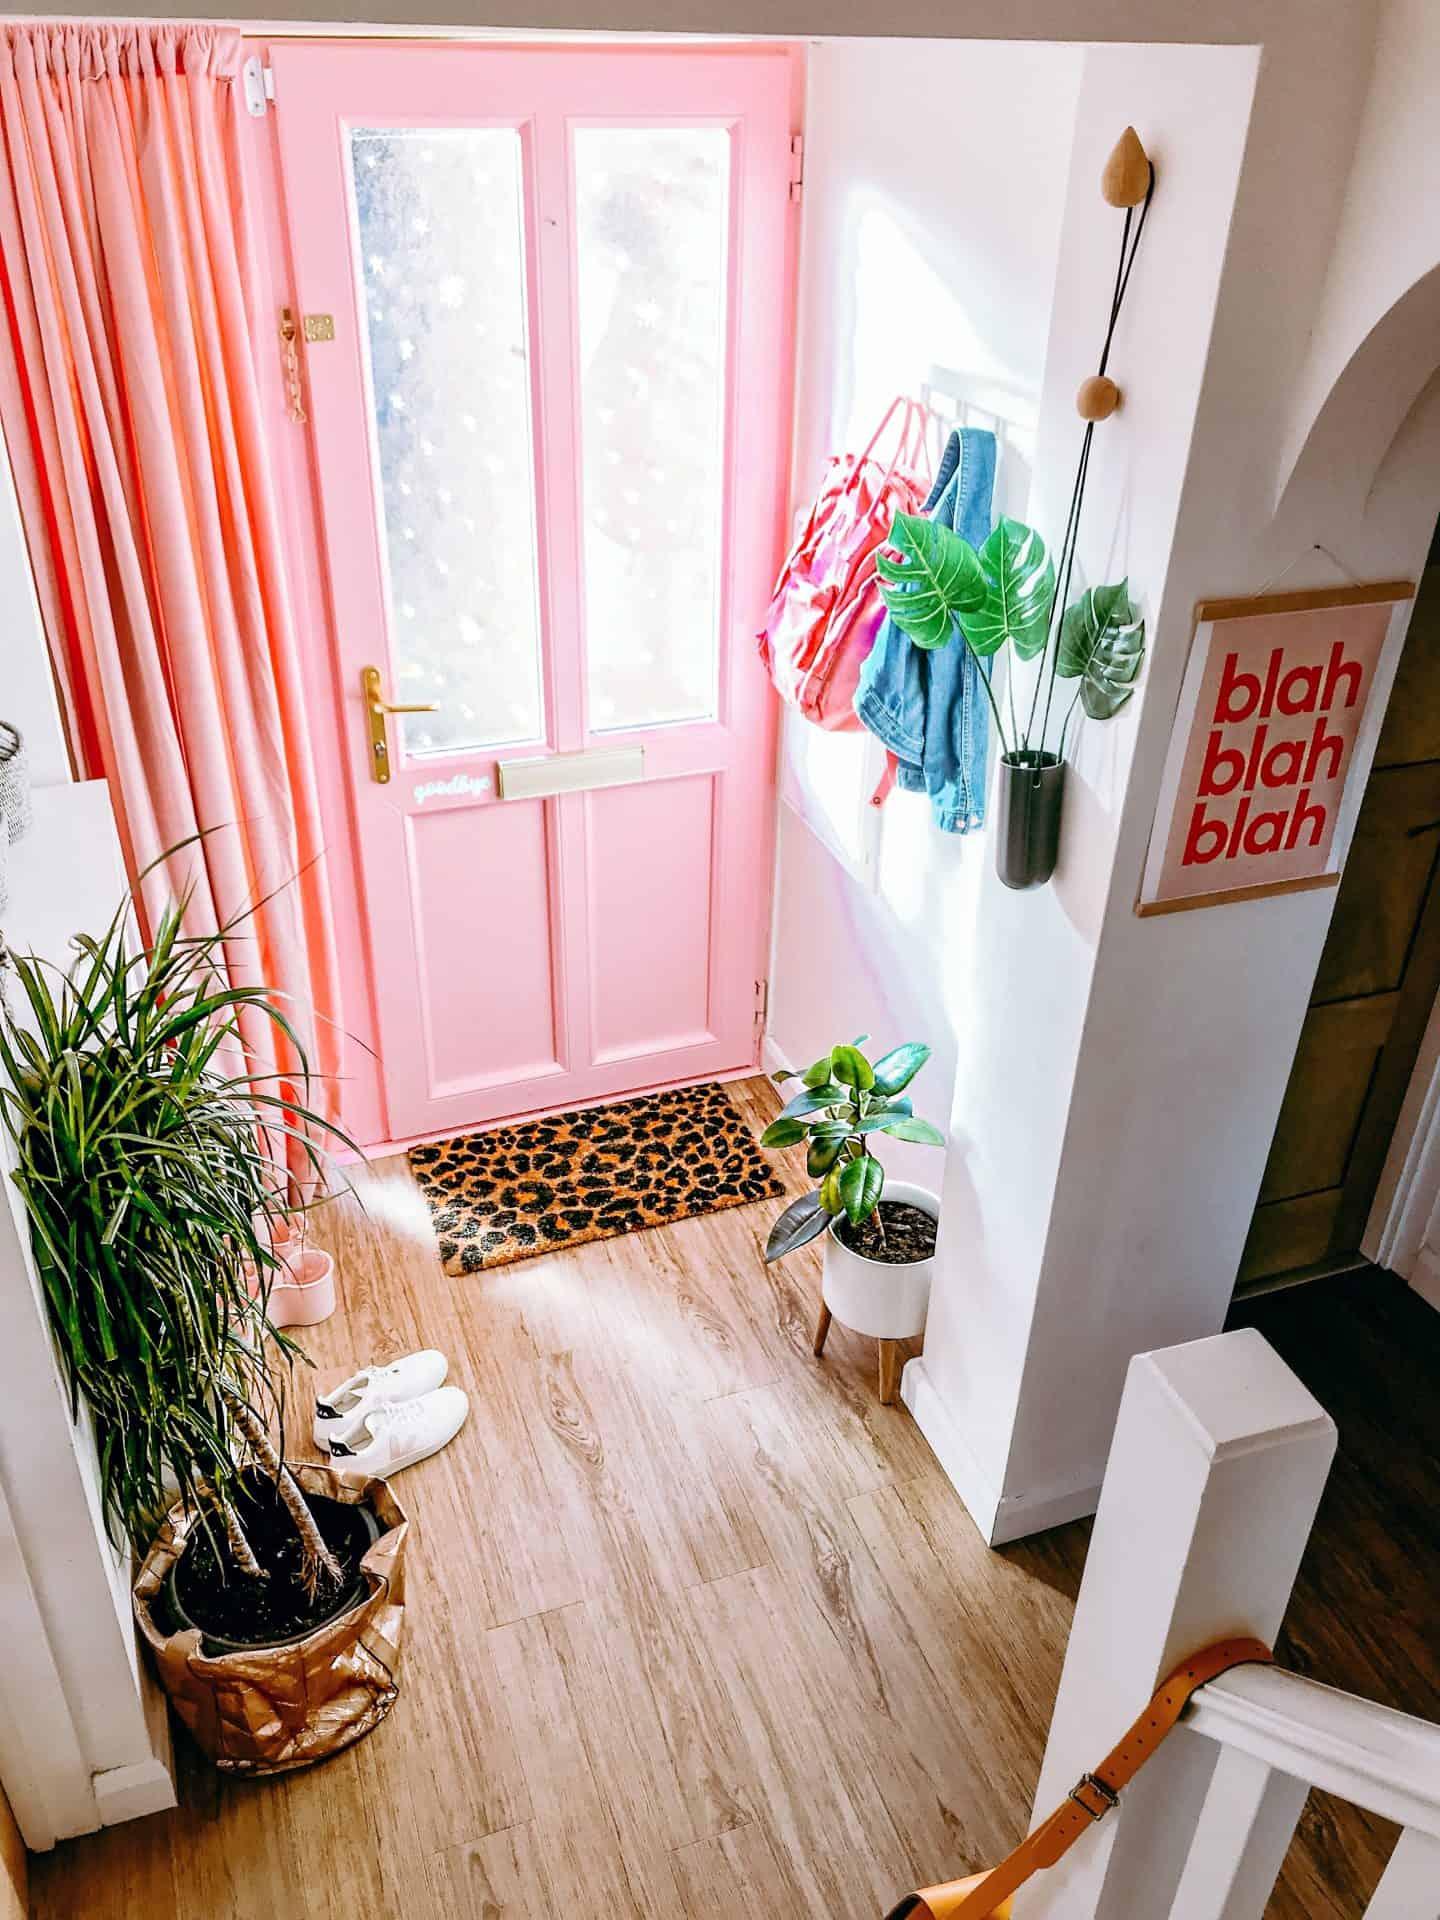 heat with a cosy velvet door curtain